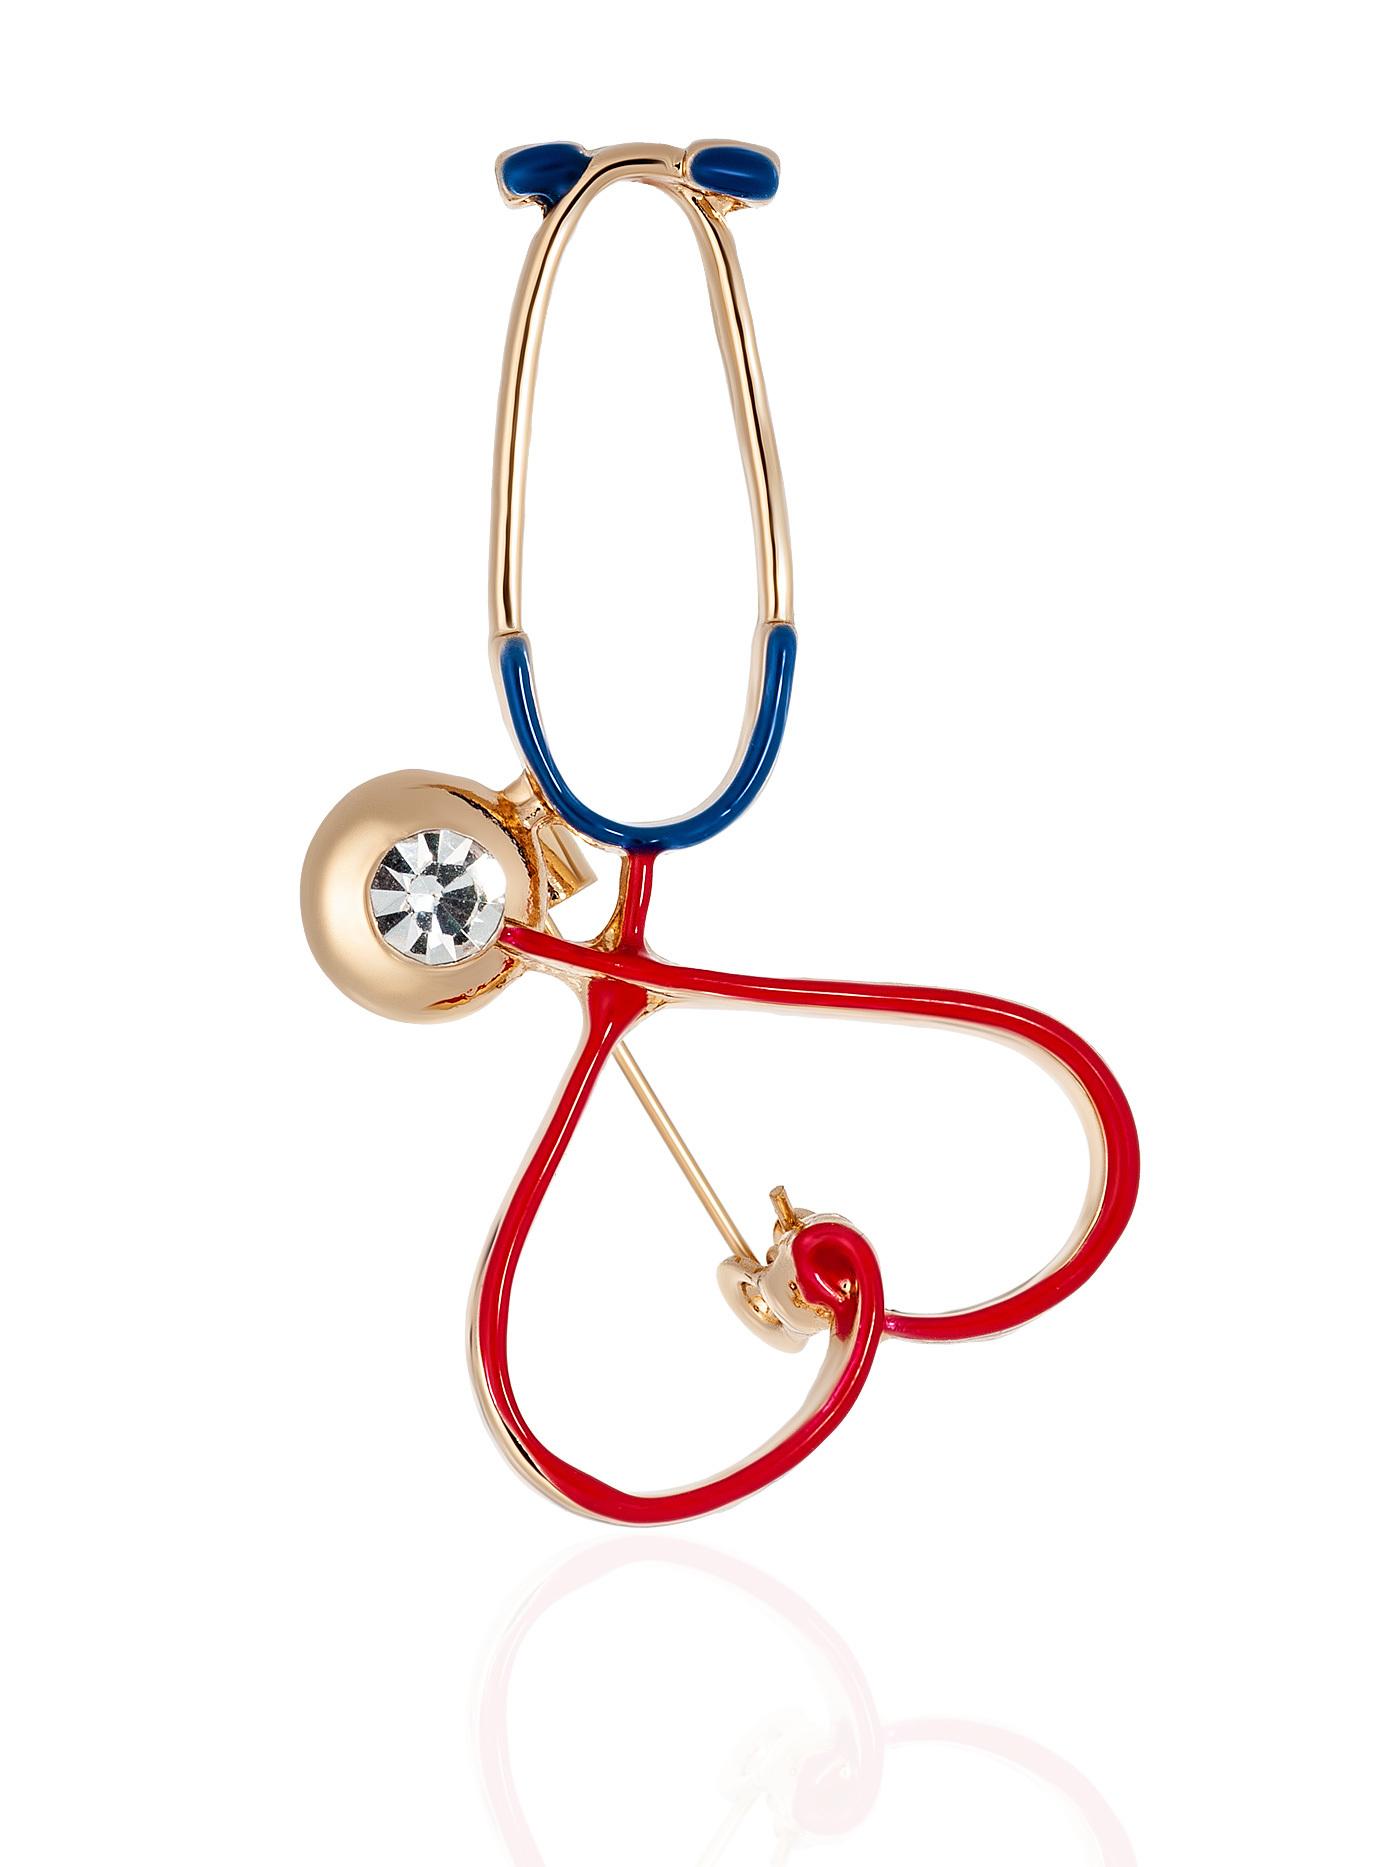 Брошь Стетоскоп в подарочной коробке, подарок на день медицинского работника